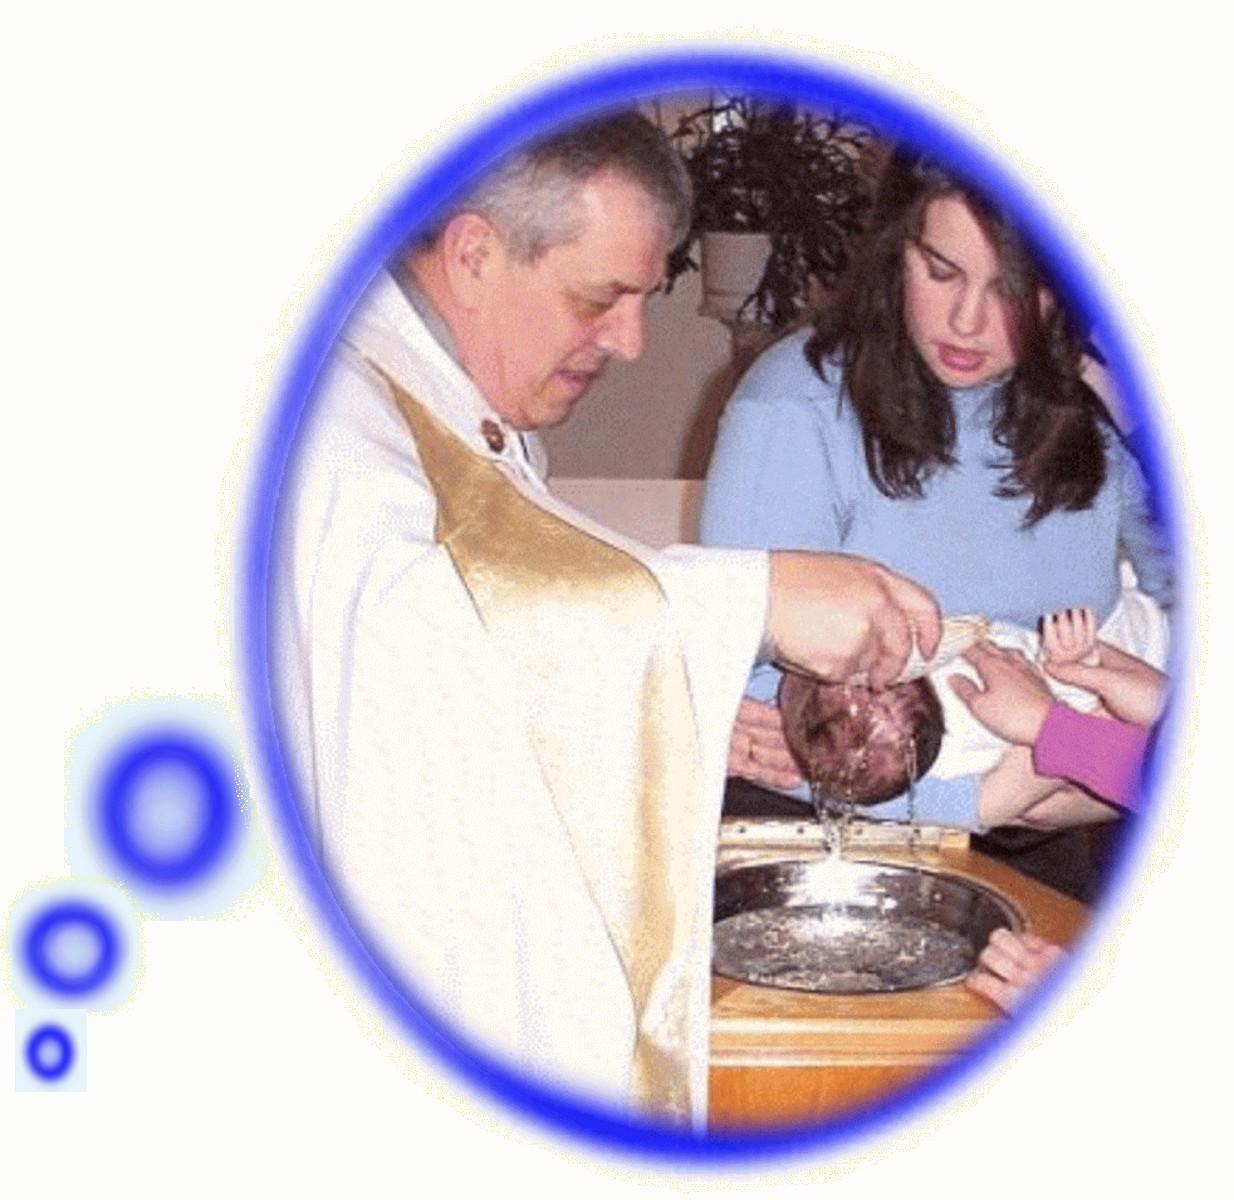 Devient-on chrétien par le baptême ?